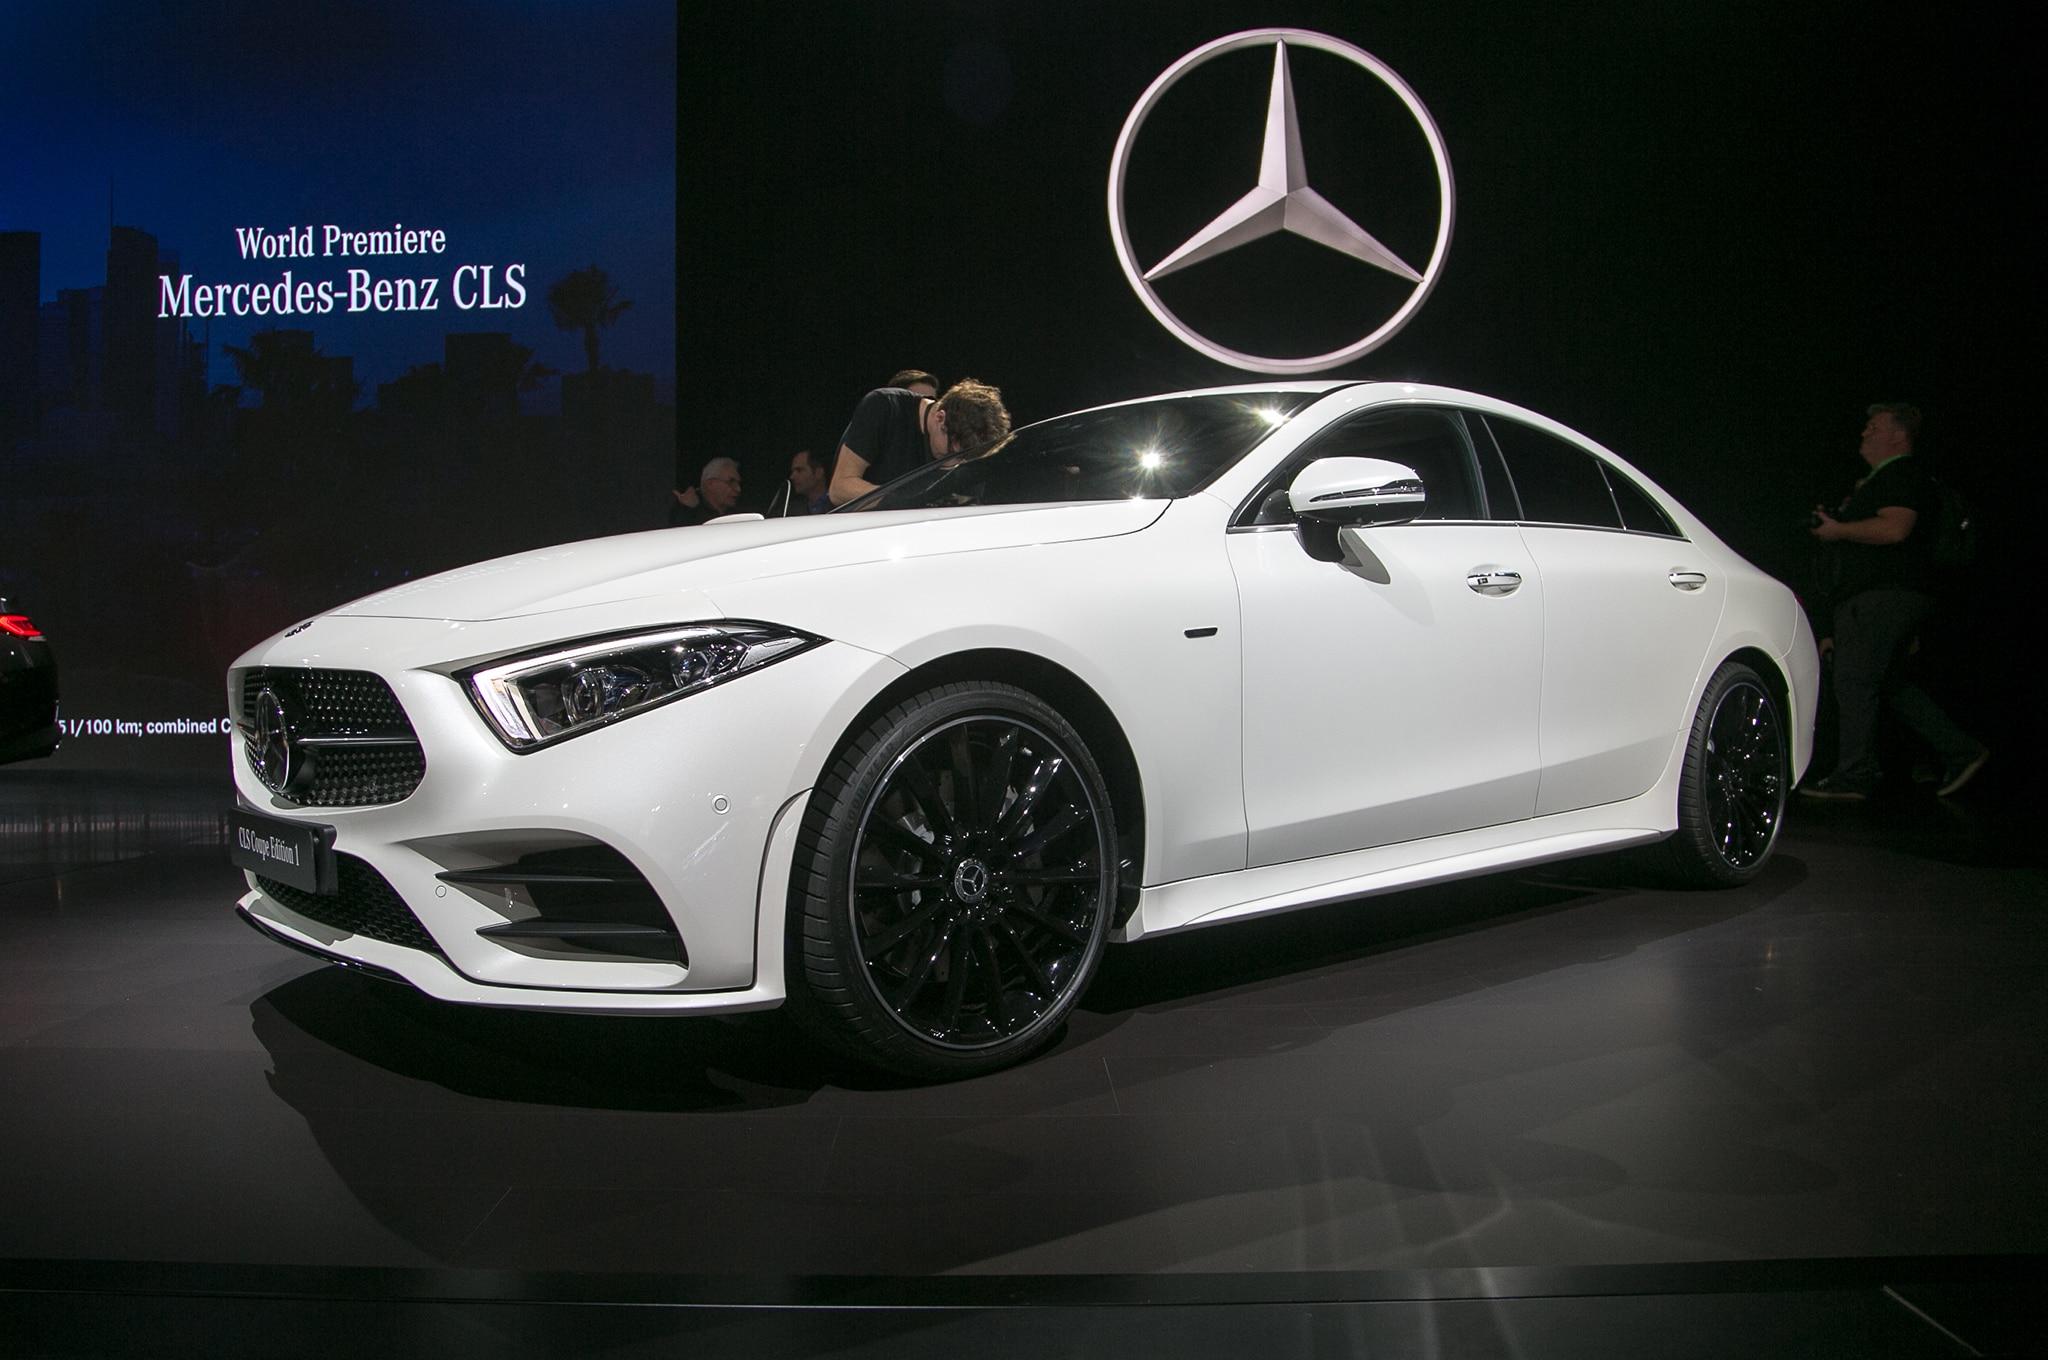 2019 Mercedes Benz CLS Front Three Quarter 01 1